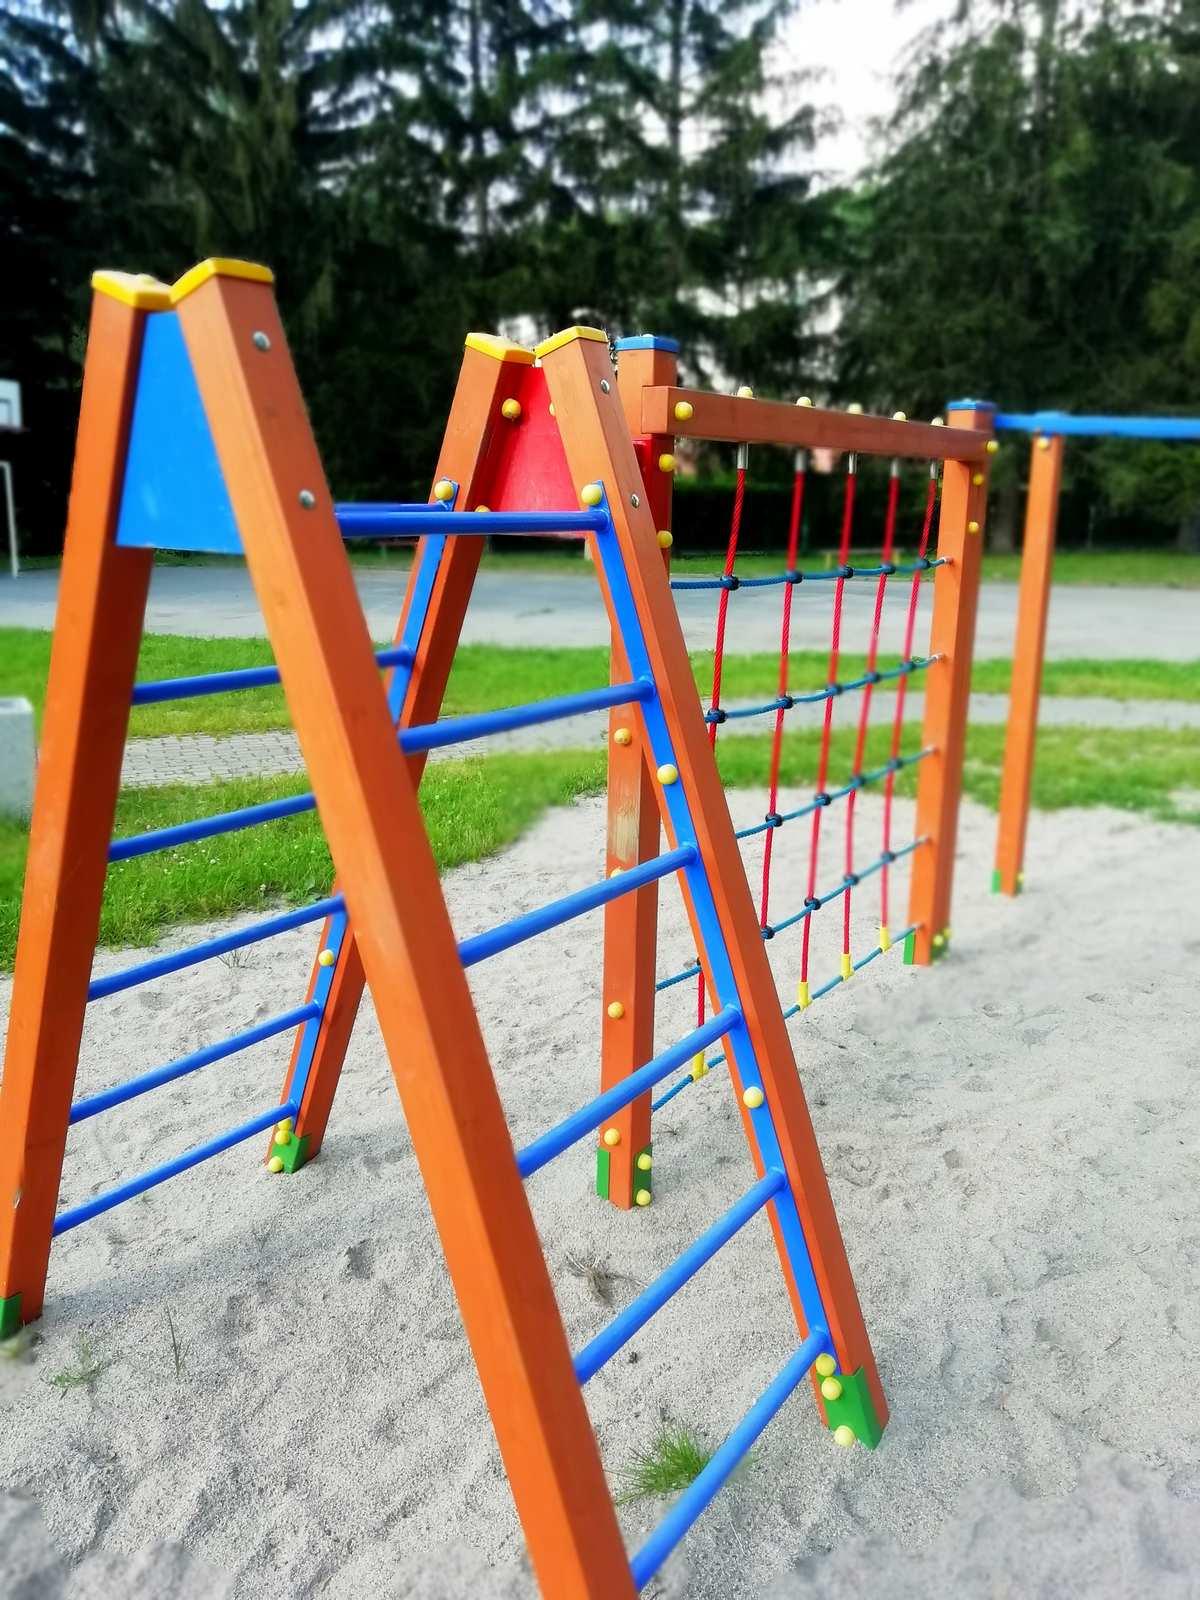 park fitness i plac zabaw apartamentu fabryka endorfin w kłodzku/fitness park and playground in apartment Fabryka Endorfin Klodzko